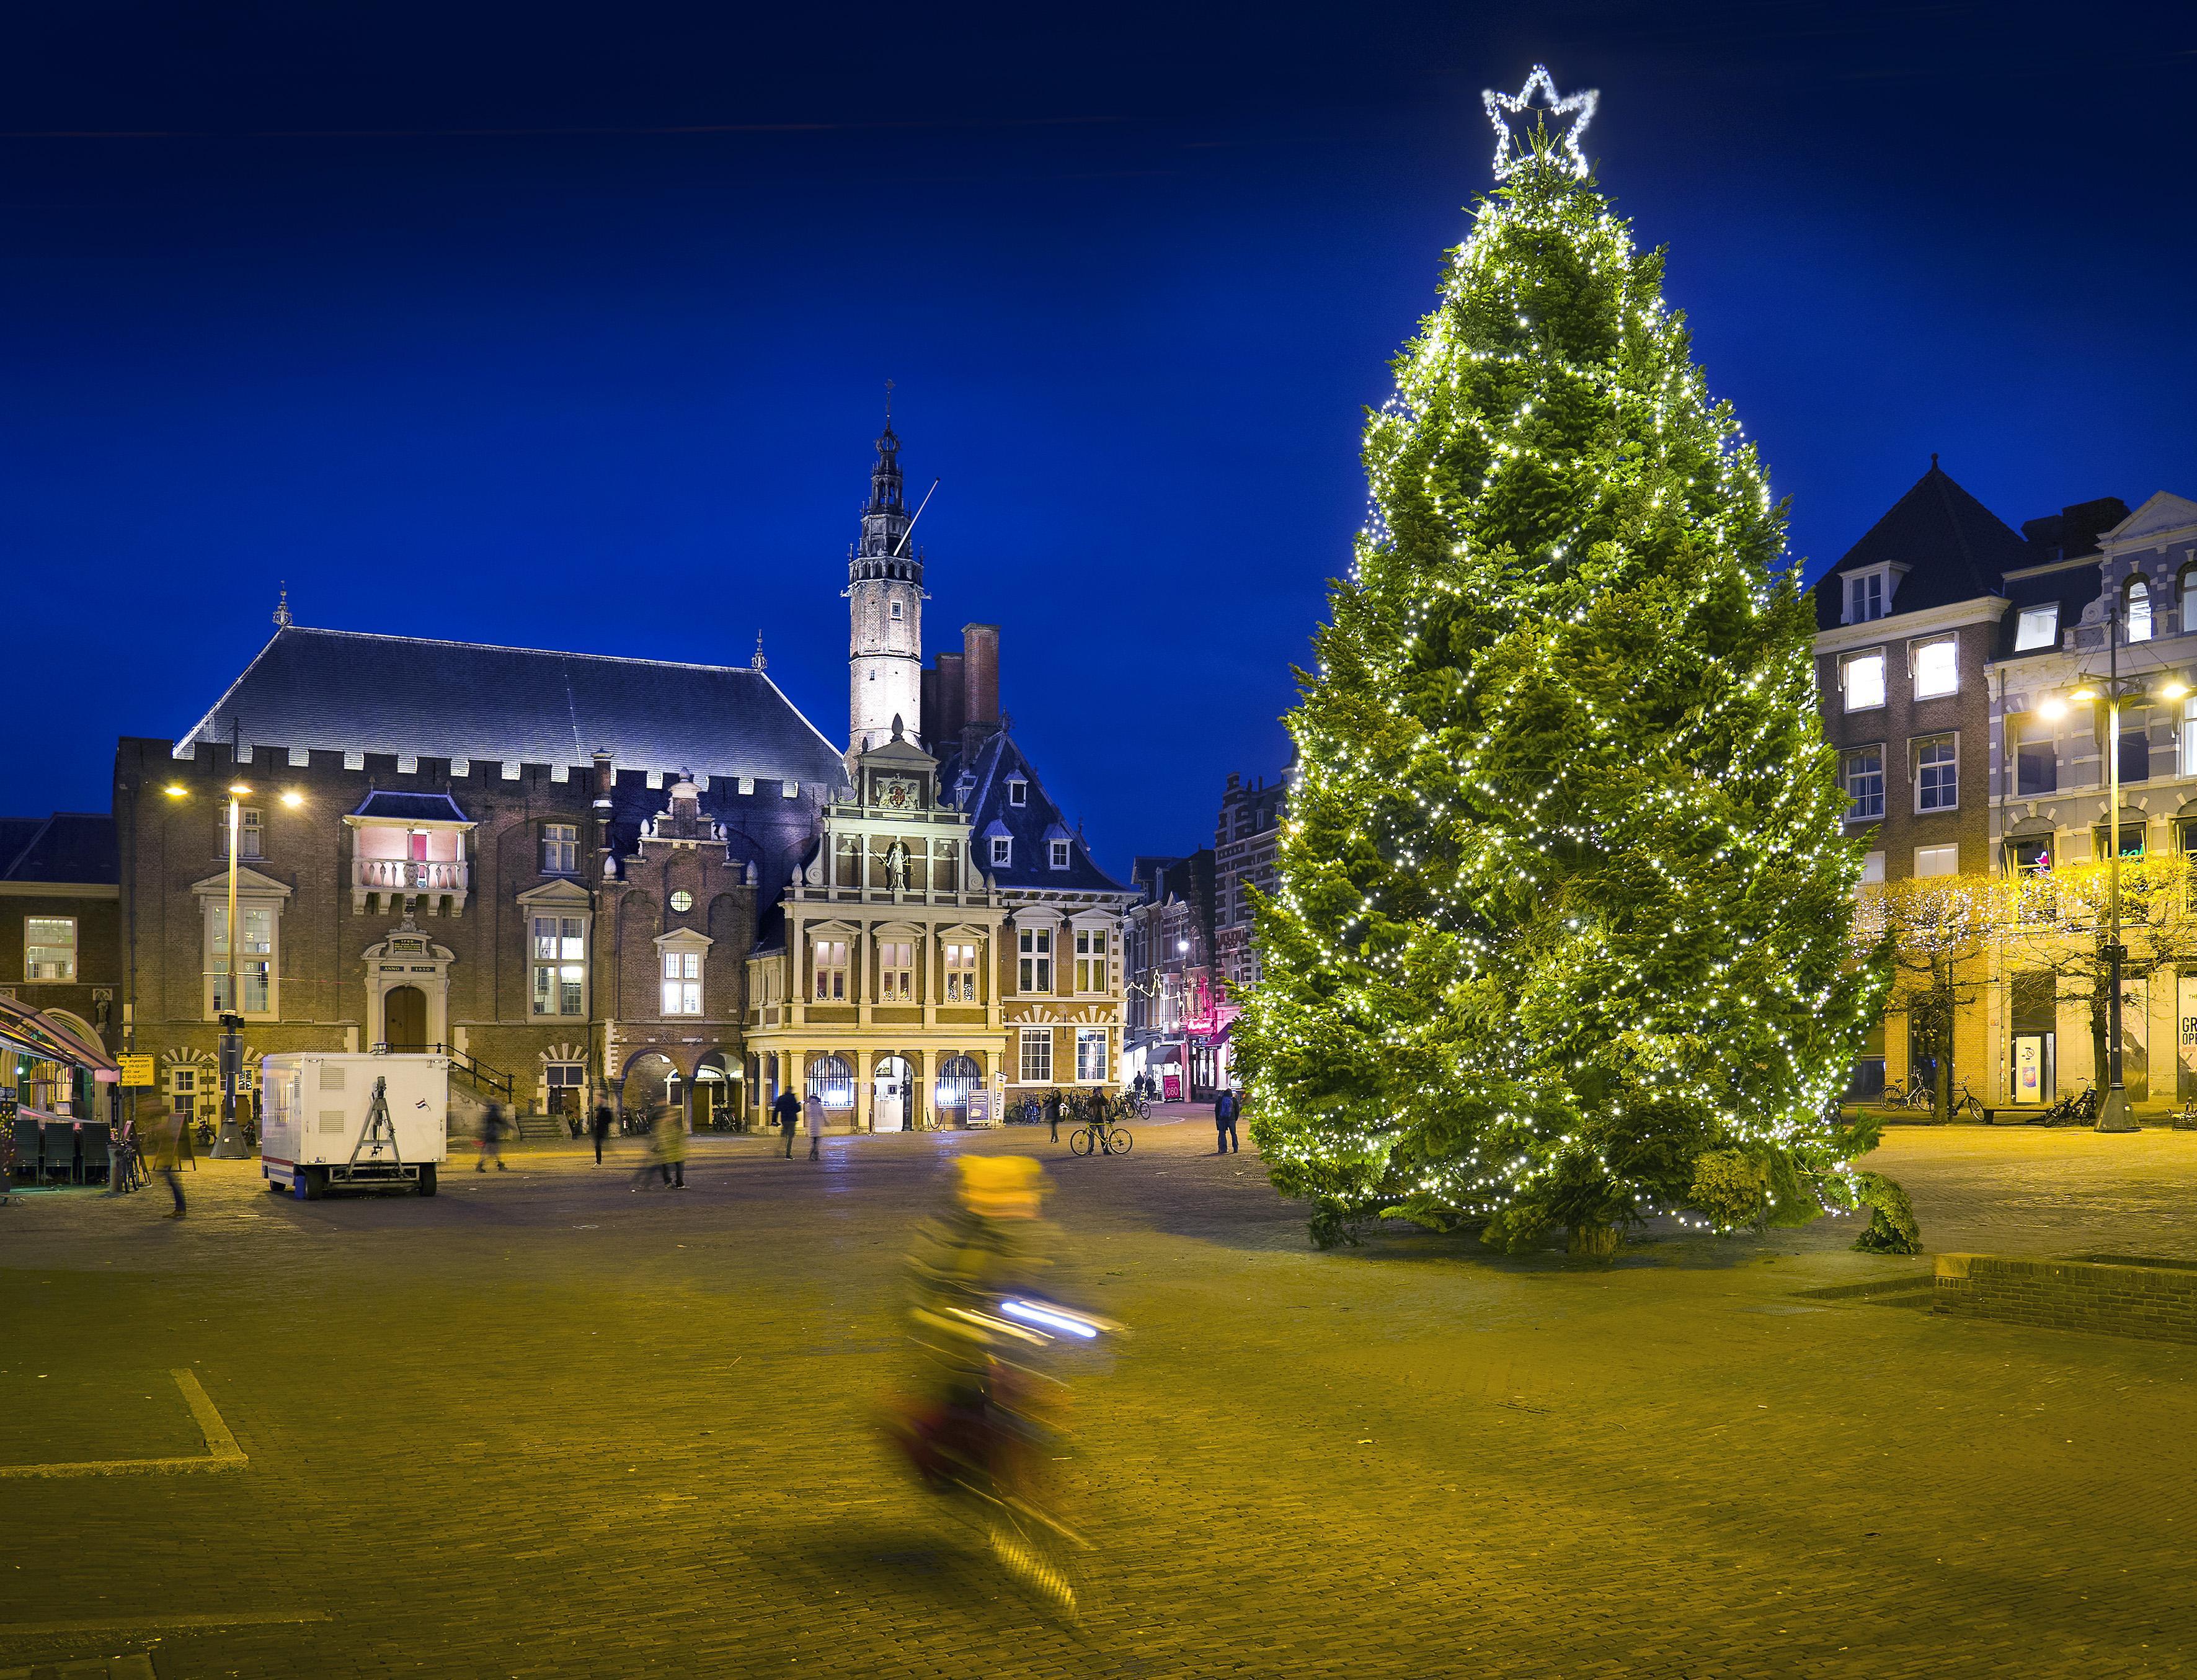 De kerstboom van de Grote Markt in Haarlem is inmiddels parfum